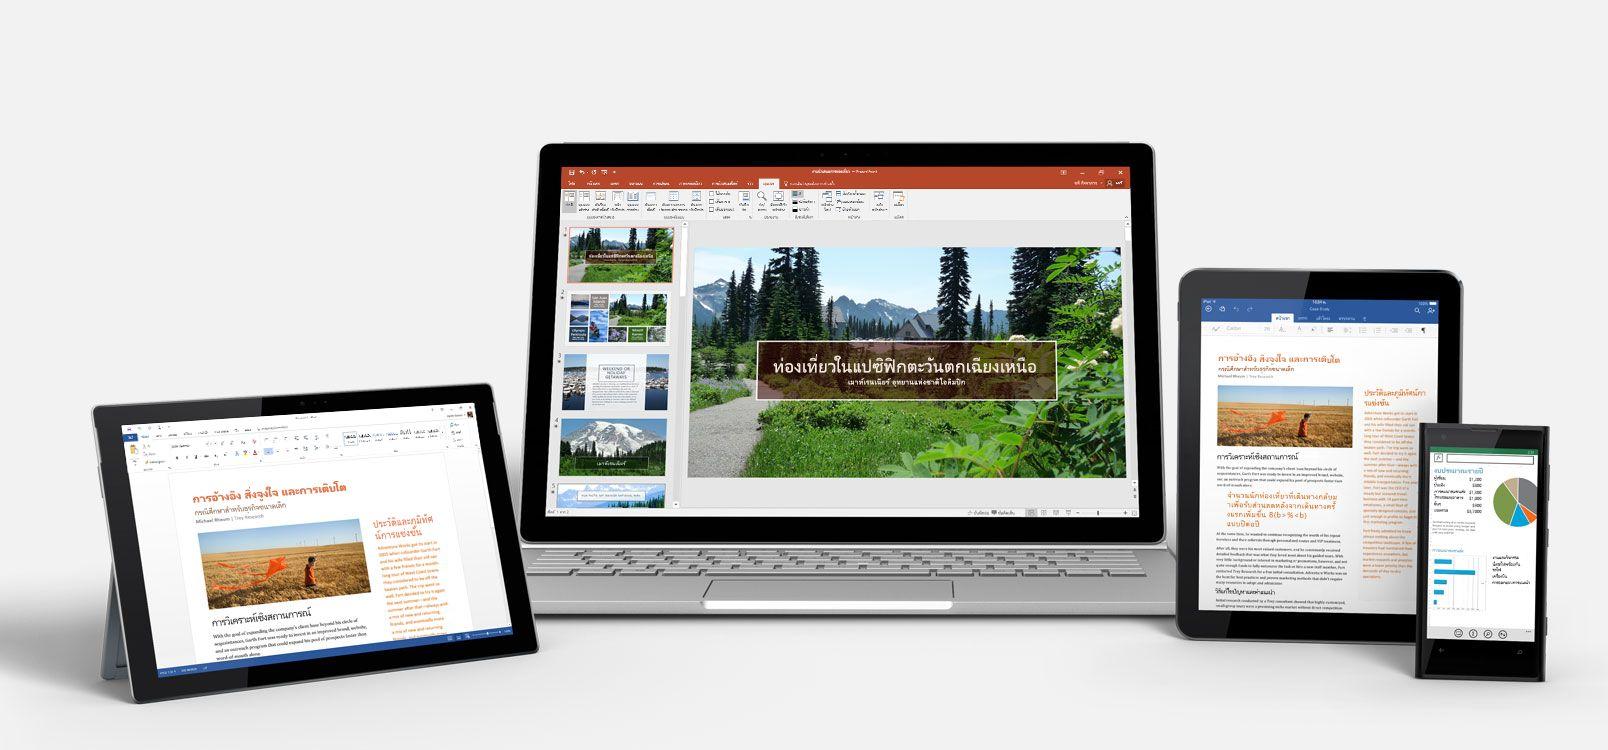 แท็บเล็ต Windows แล็ปท็อป และสมาร์ทโฟนที่แสดงการใช้งาน Office 365 อยู่